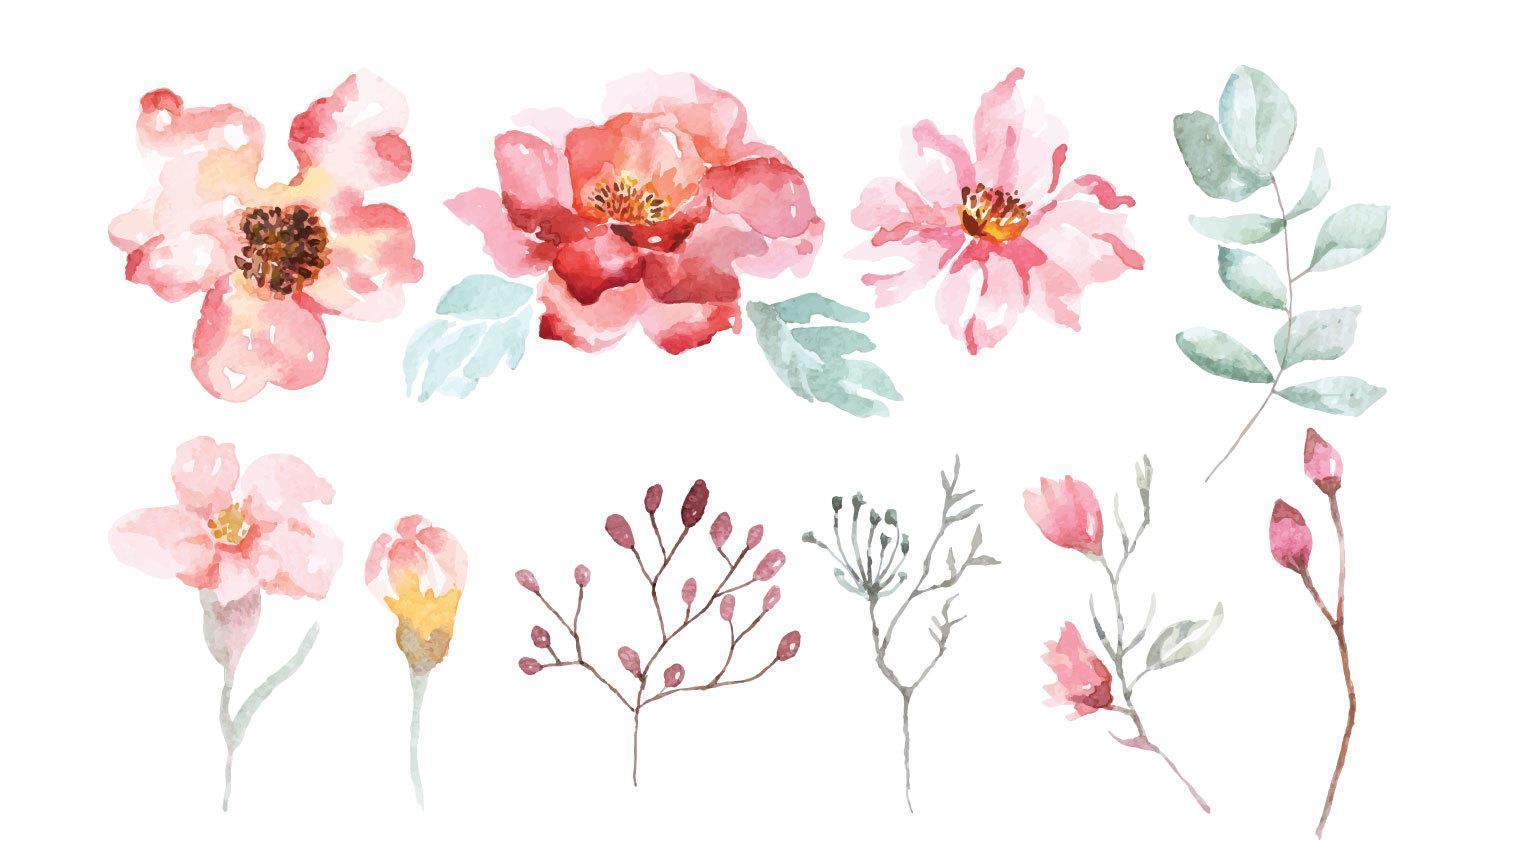 ensemble de fleurs et de branches de fleurs aquarelle vecteur